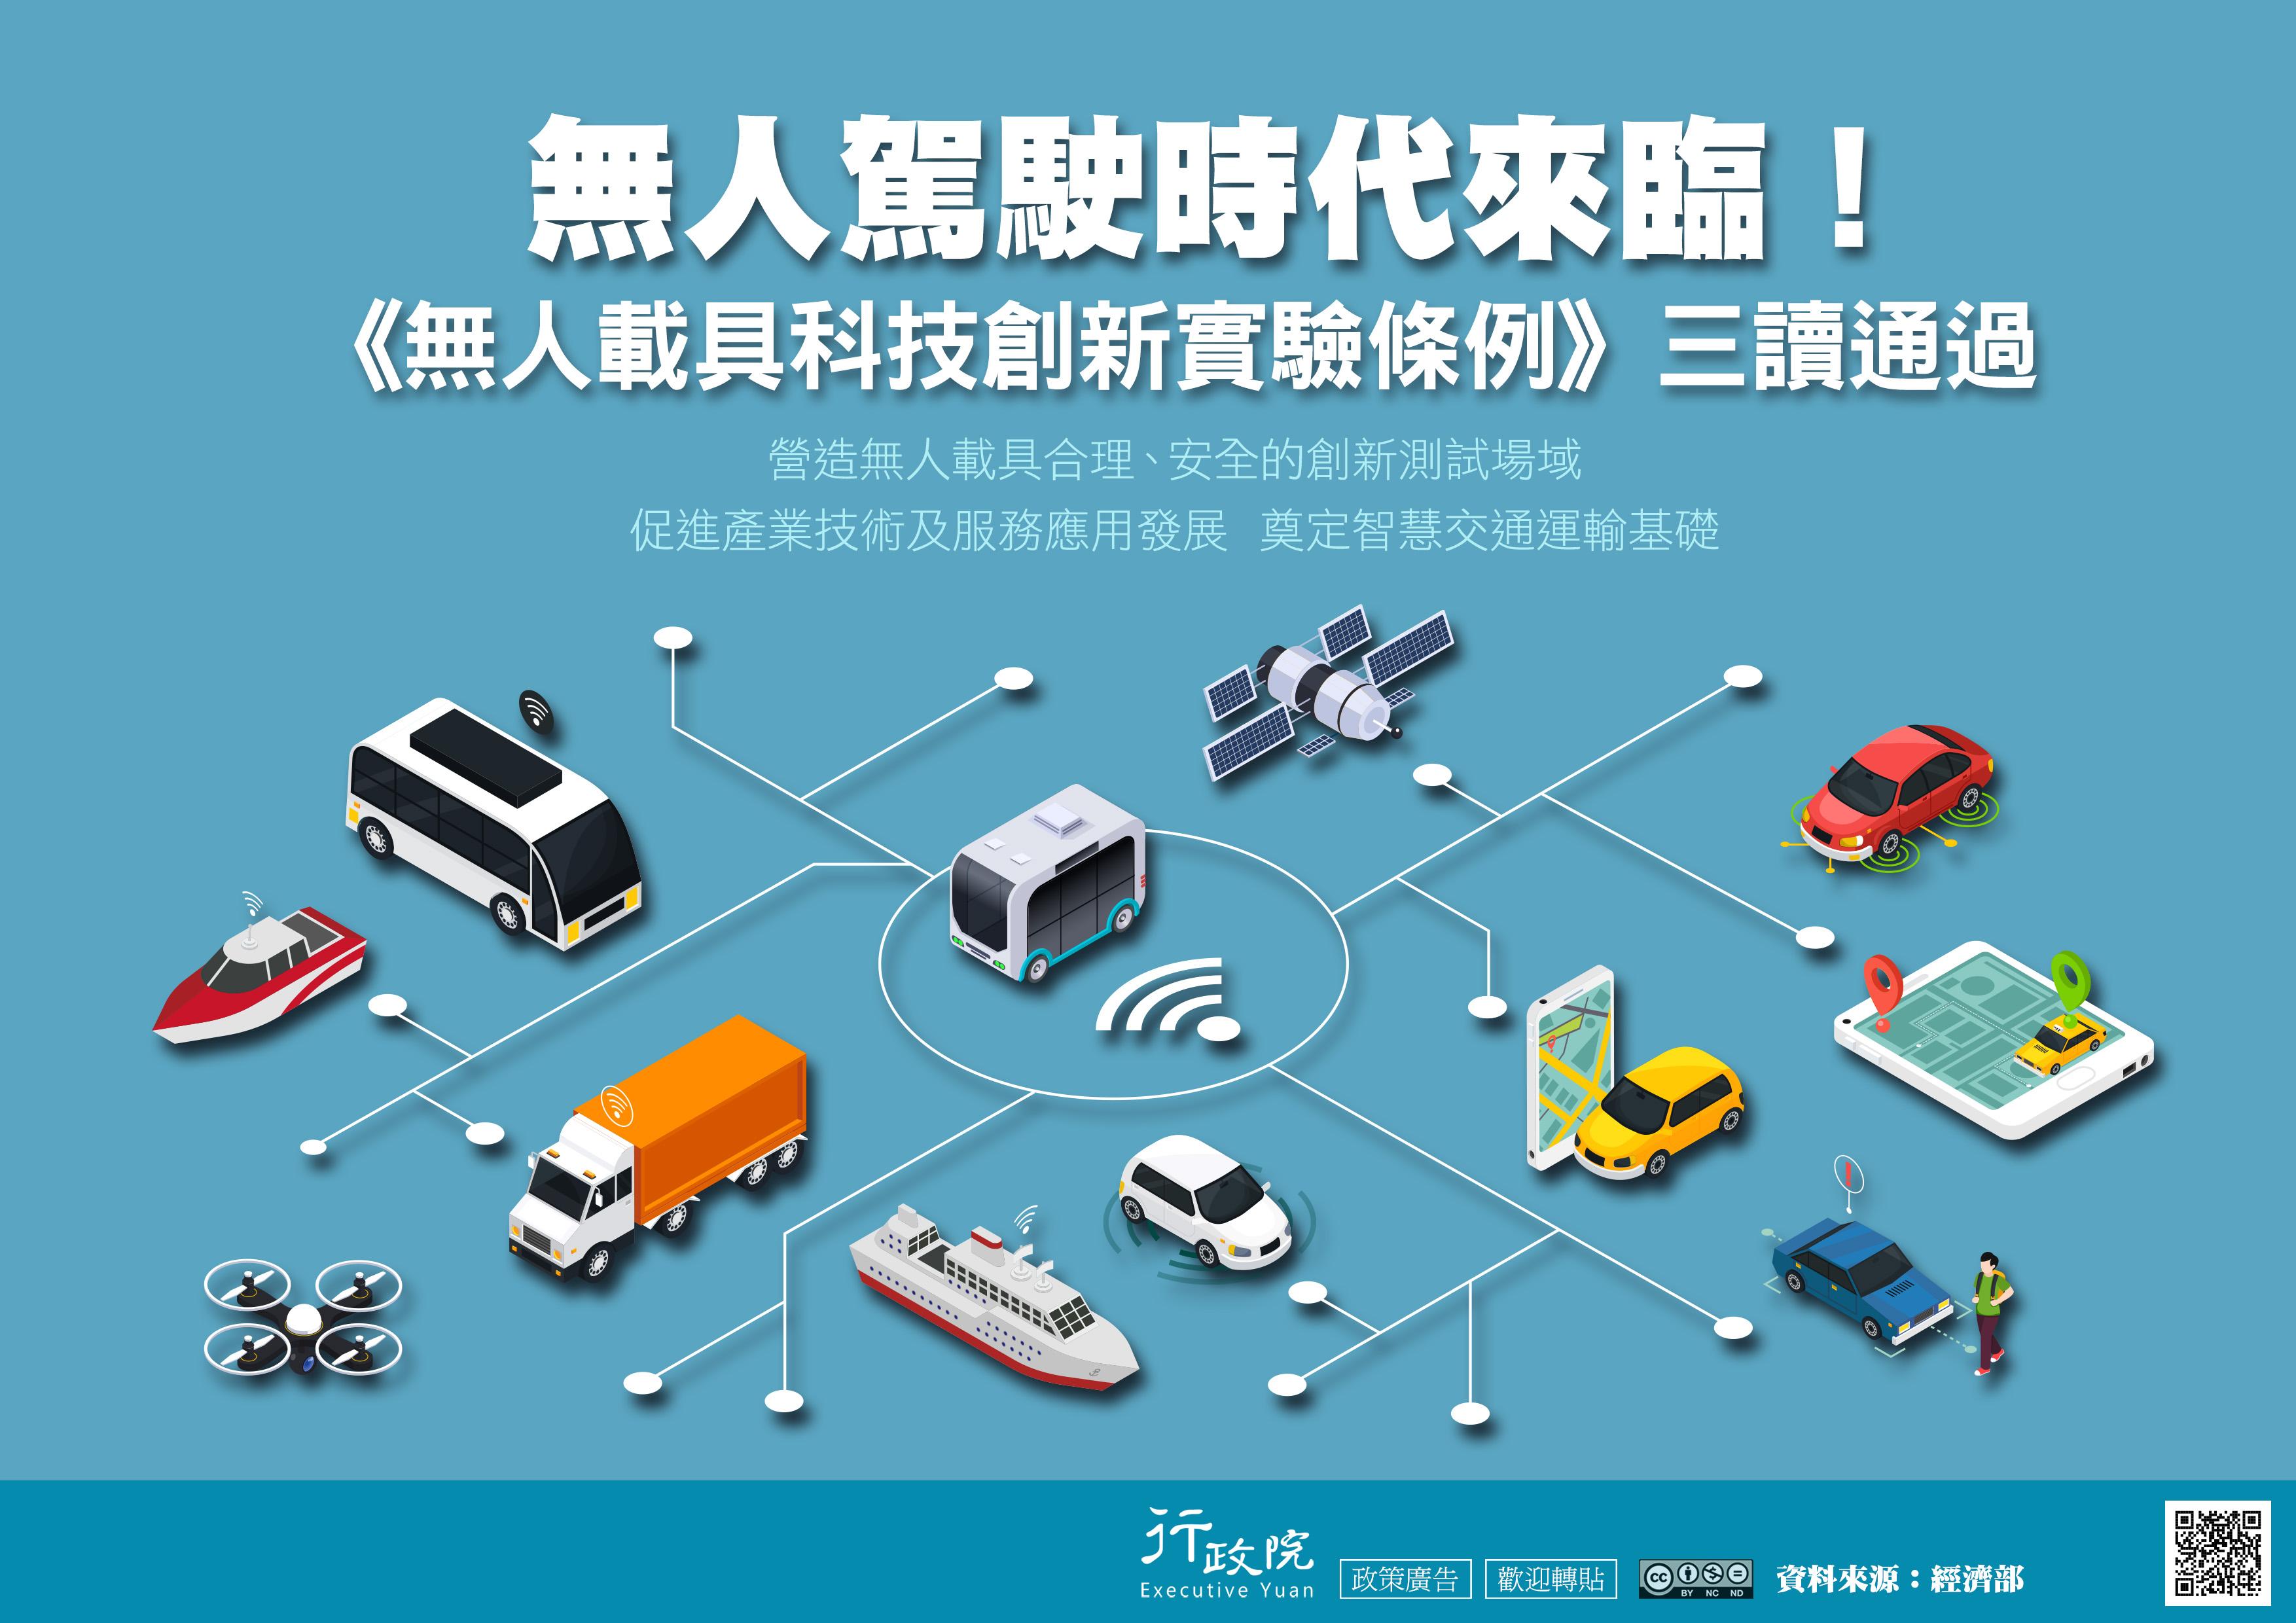 無人駕駛時代來臨—無人載具科技創新實驗條例草案.jpg